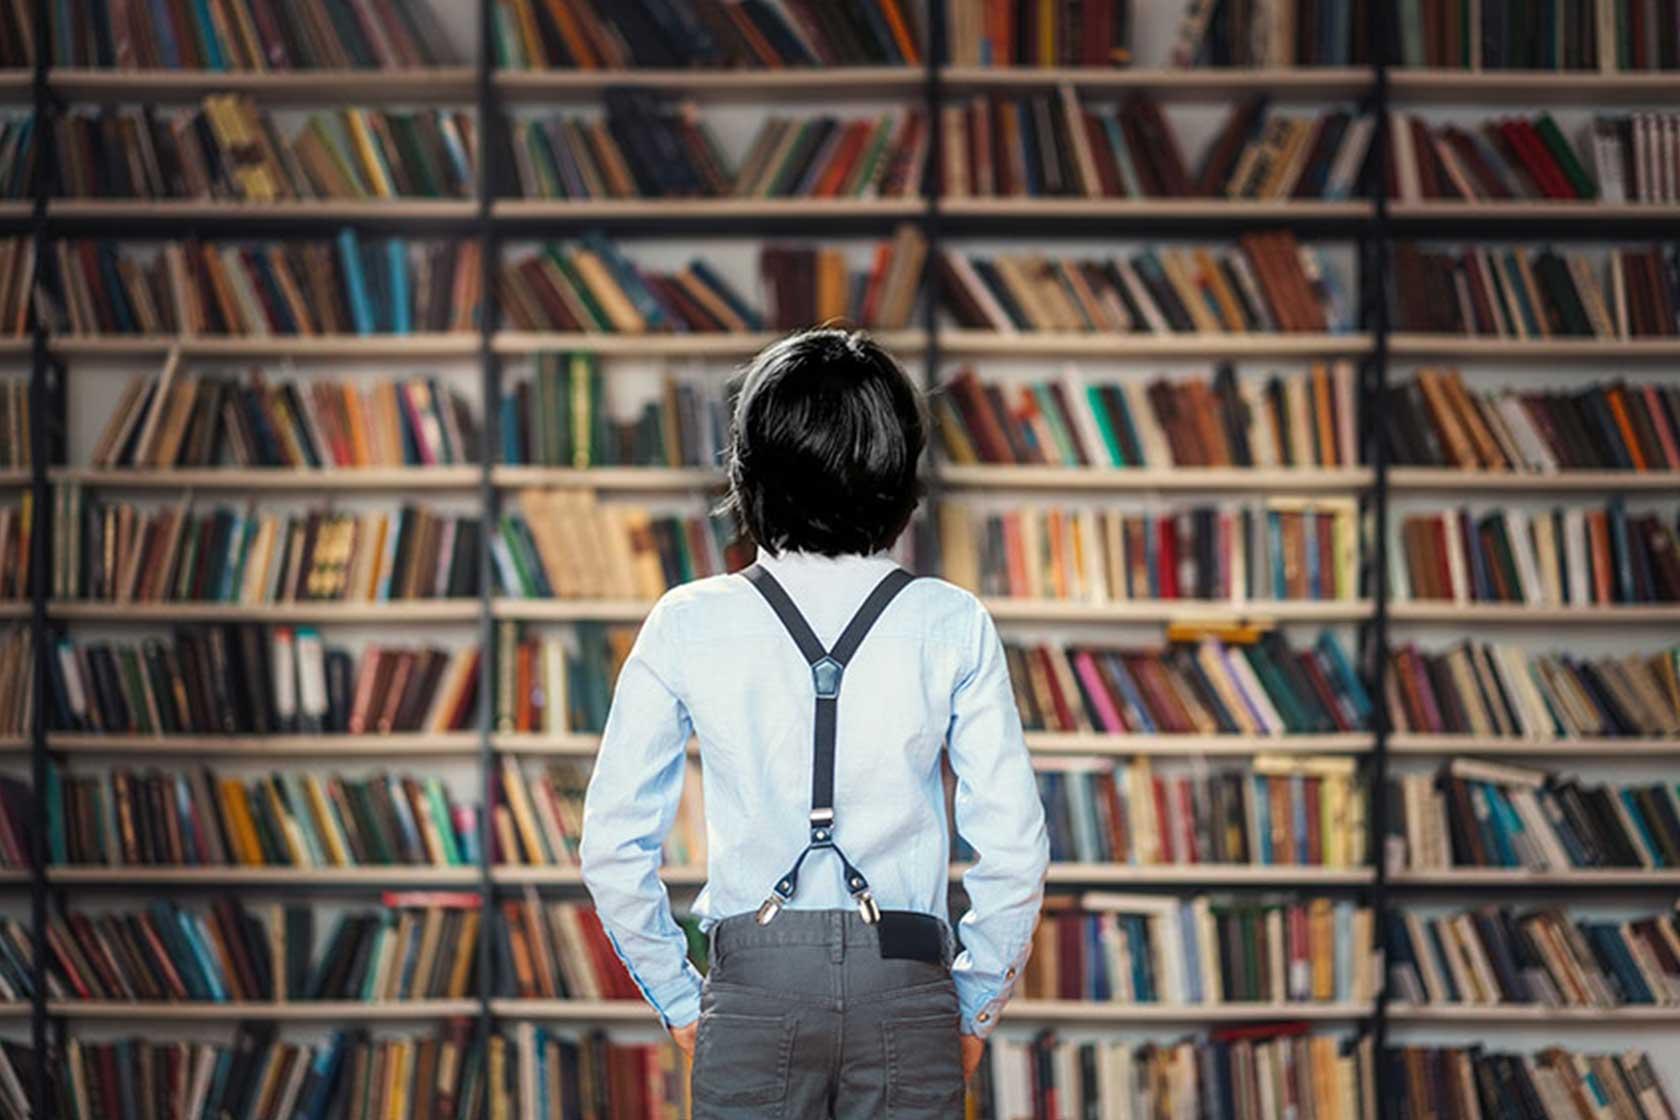 Çocuğa Kitap Okuma Alışkanlığı Kazandırmanın Yolları